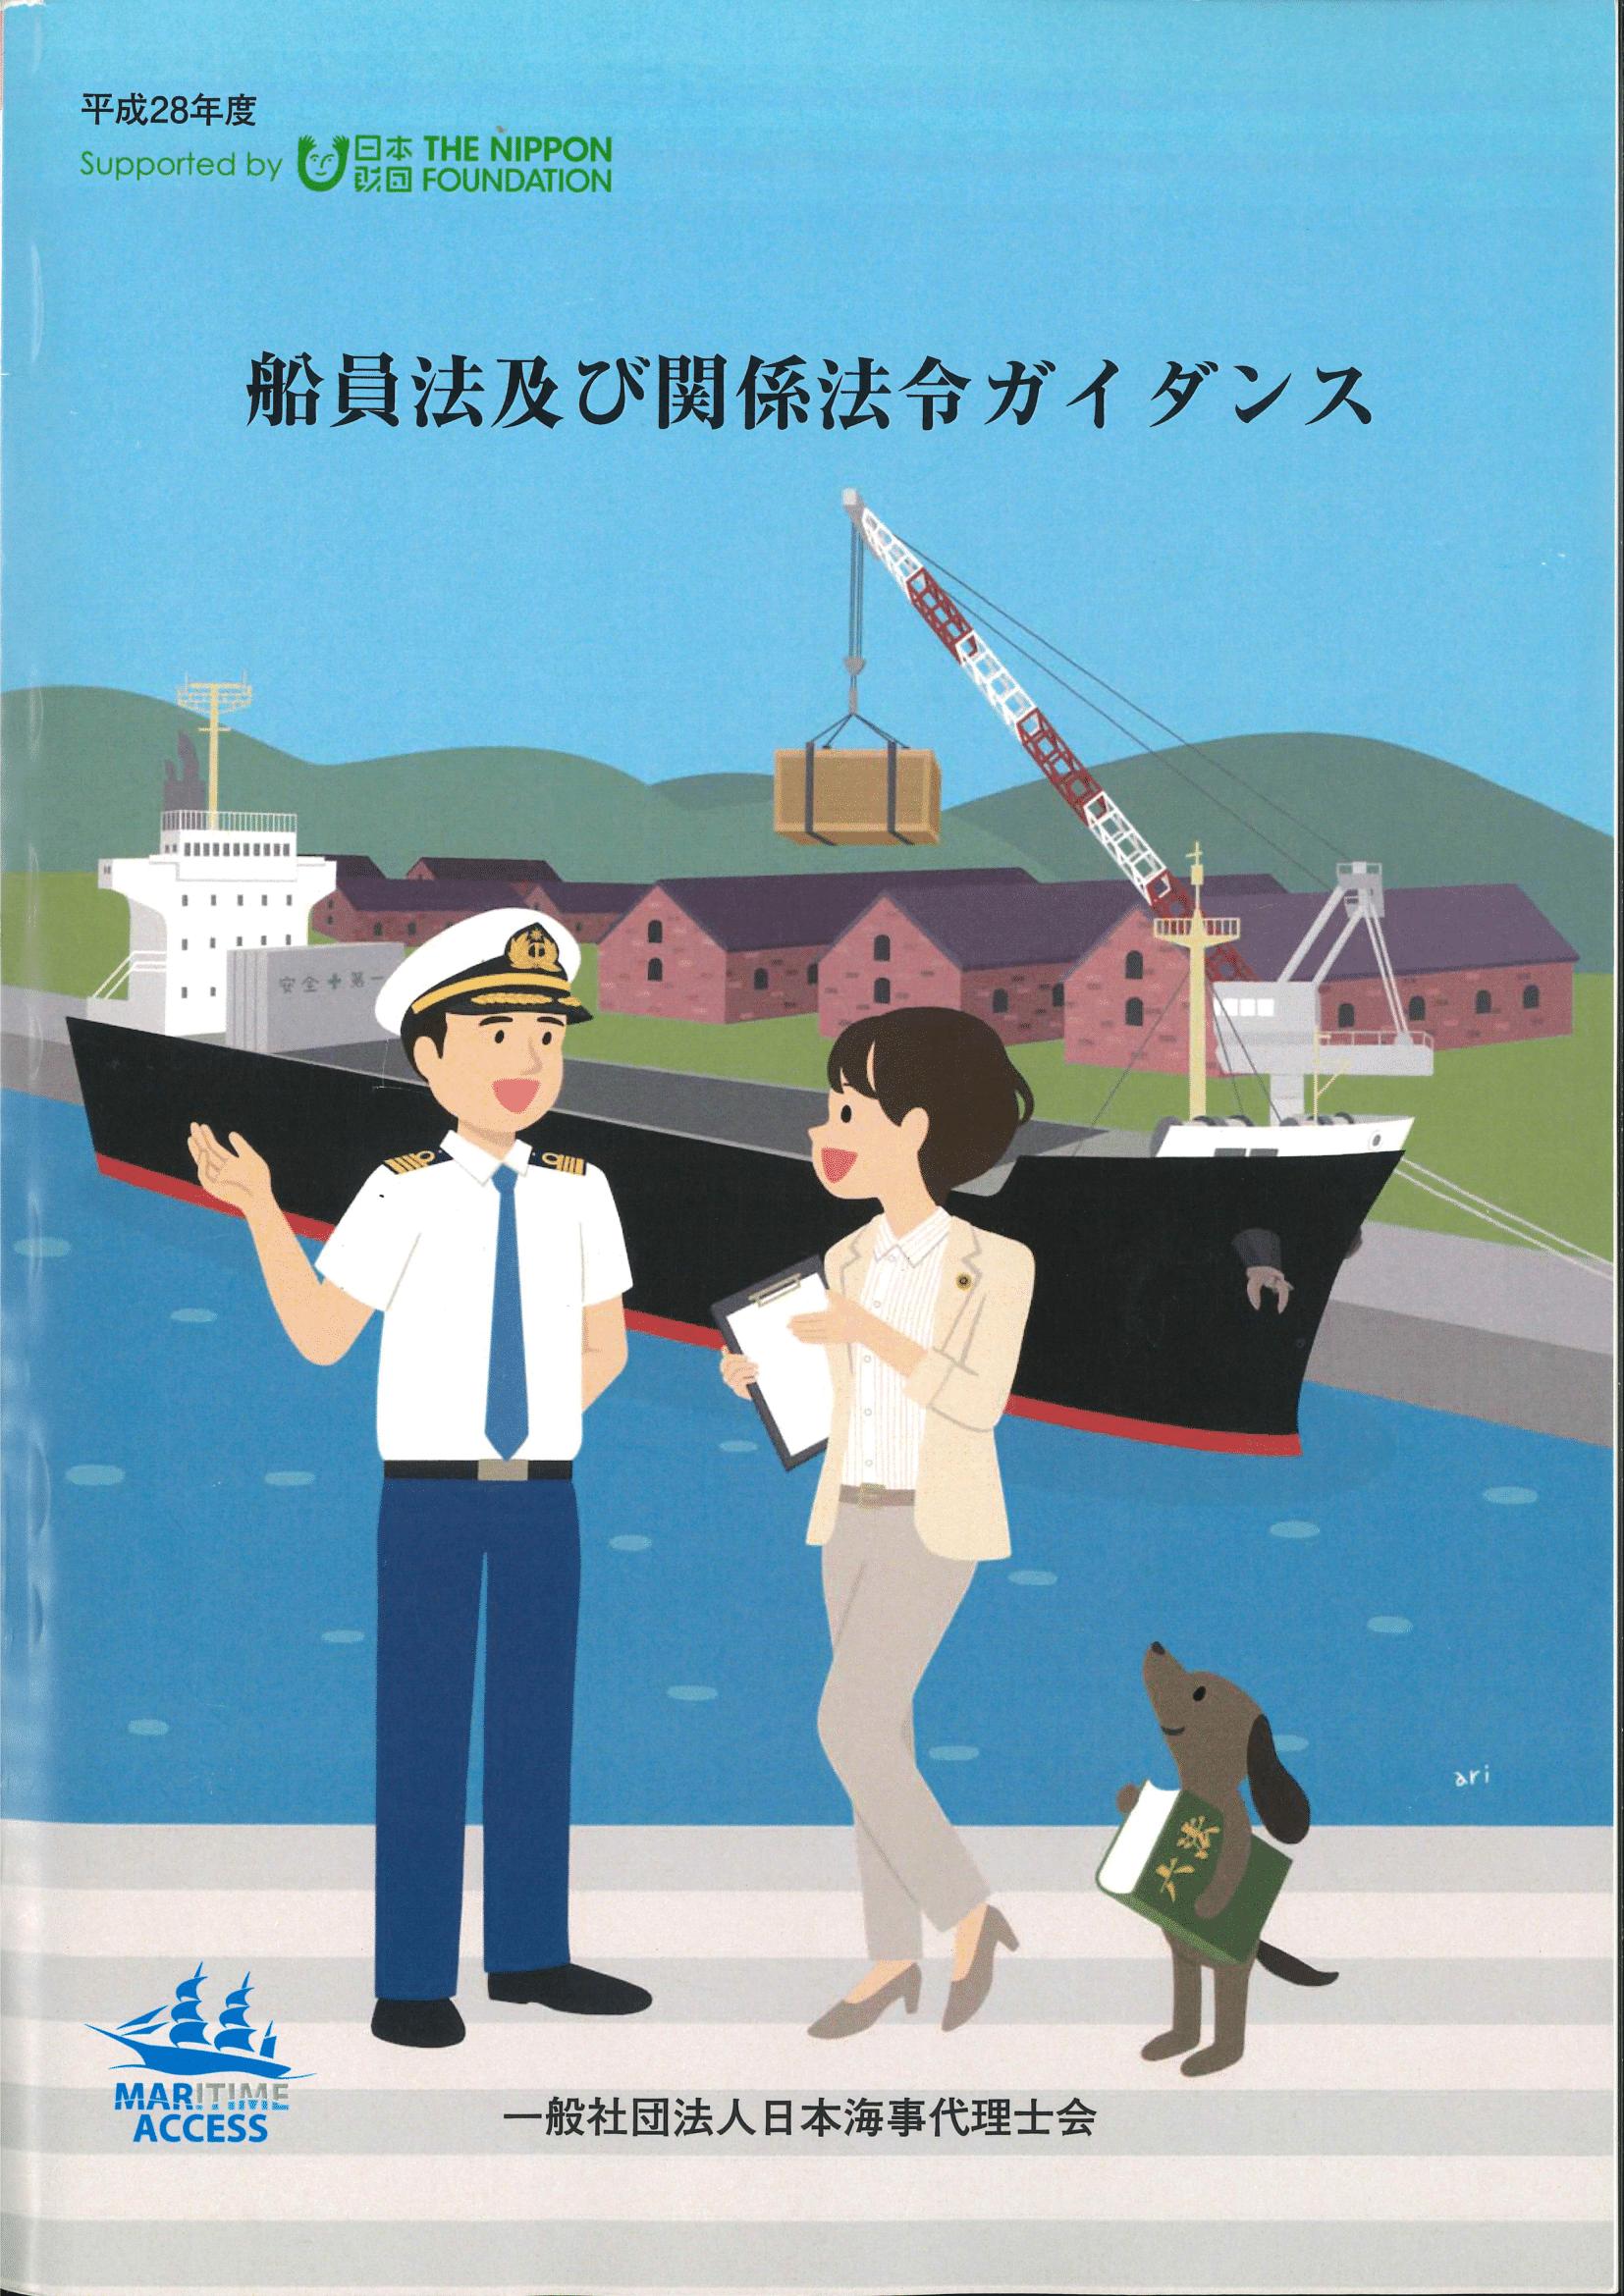 船員法及び関係法令ガイダンス(平成30年3月発行)